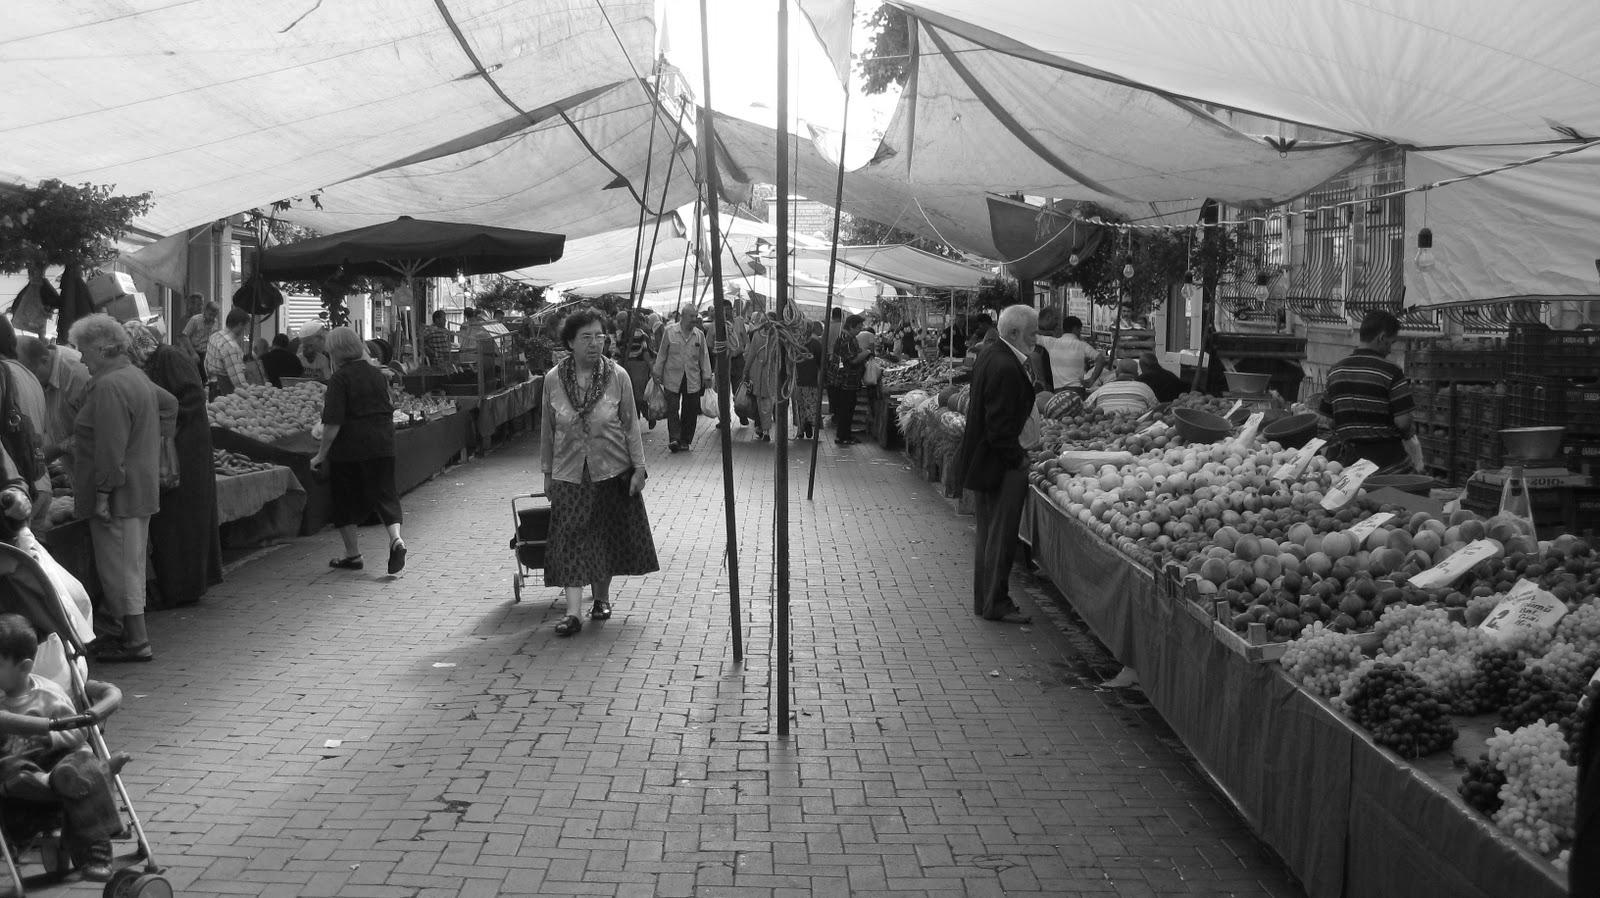 http://www.habercaddesi.com/haber/989-sokak-ve-caddelerde-pazar-devri-kapaniyor.html | Haber Caddesi